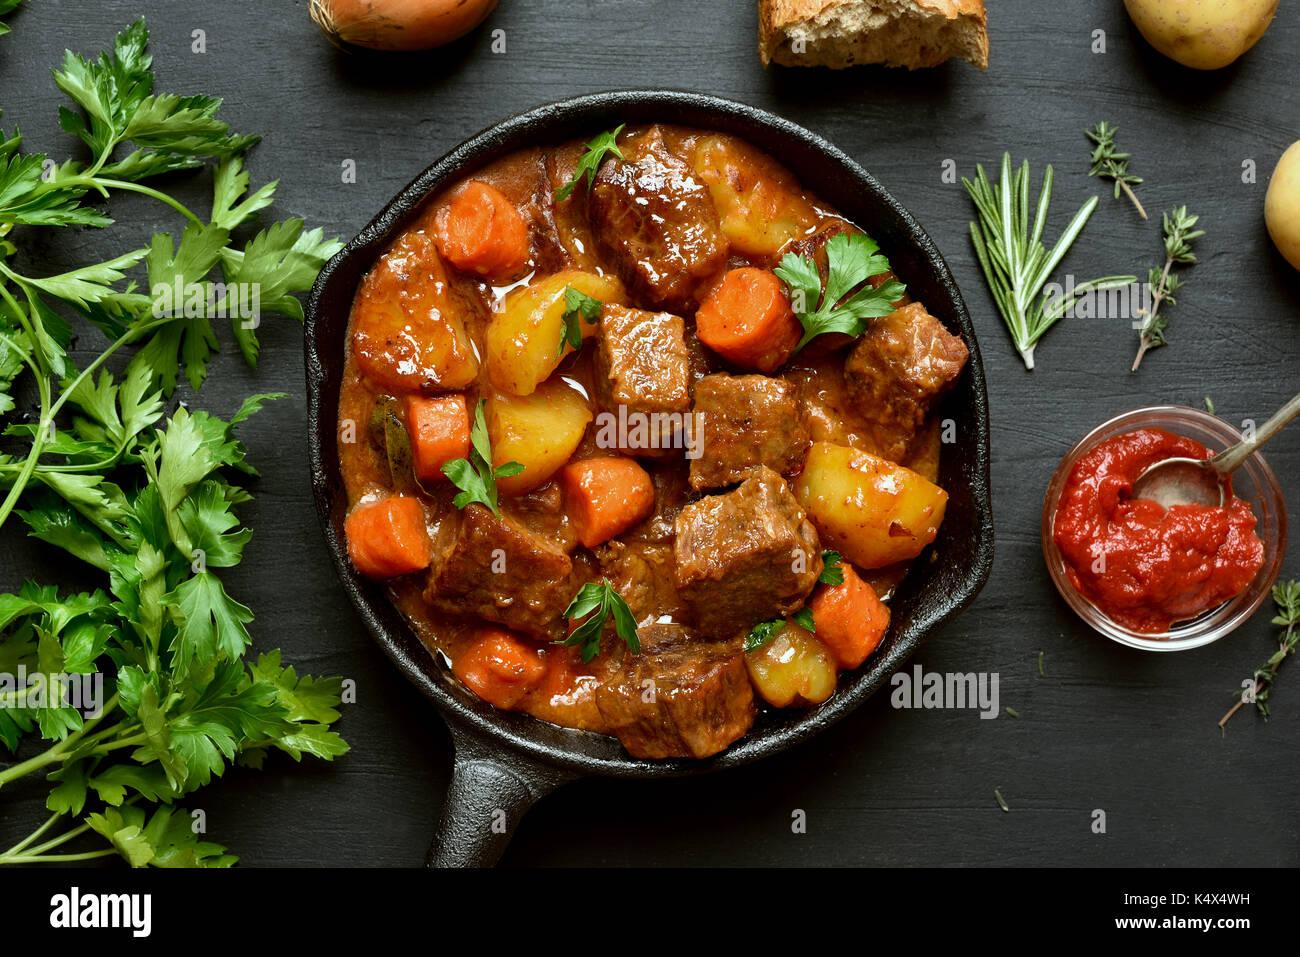 Stufato di manzo e verdure in padella, vista dall'alto Immagini Stock